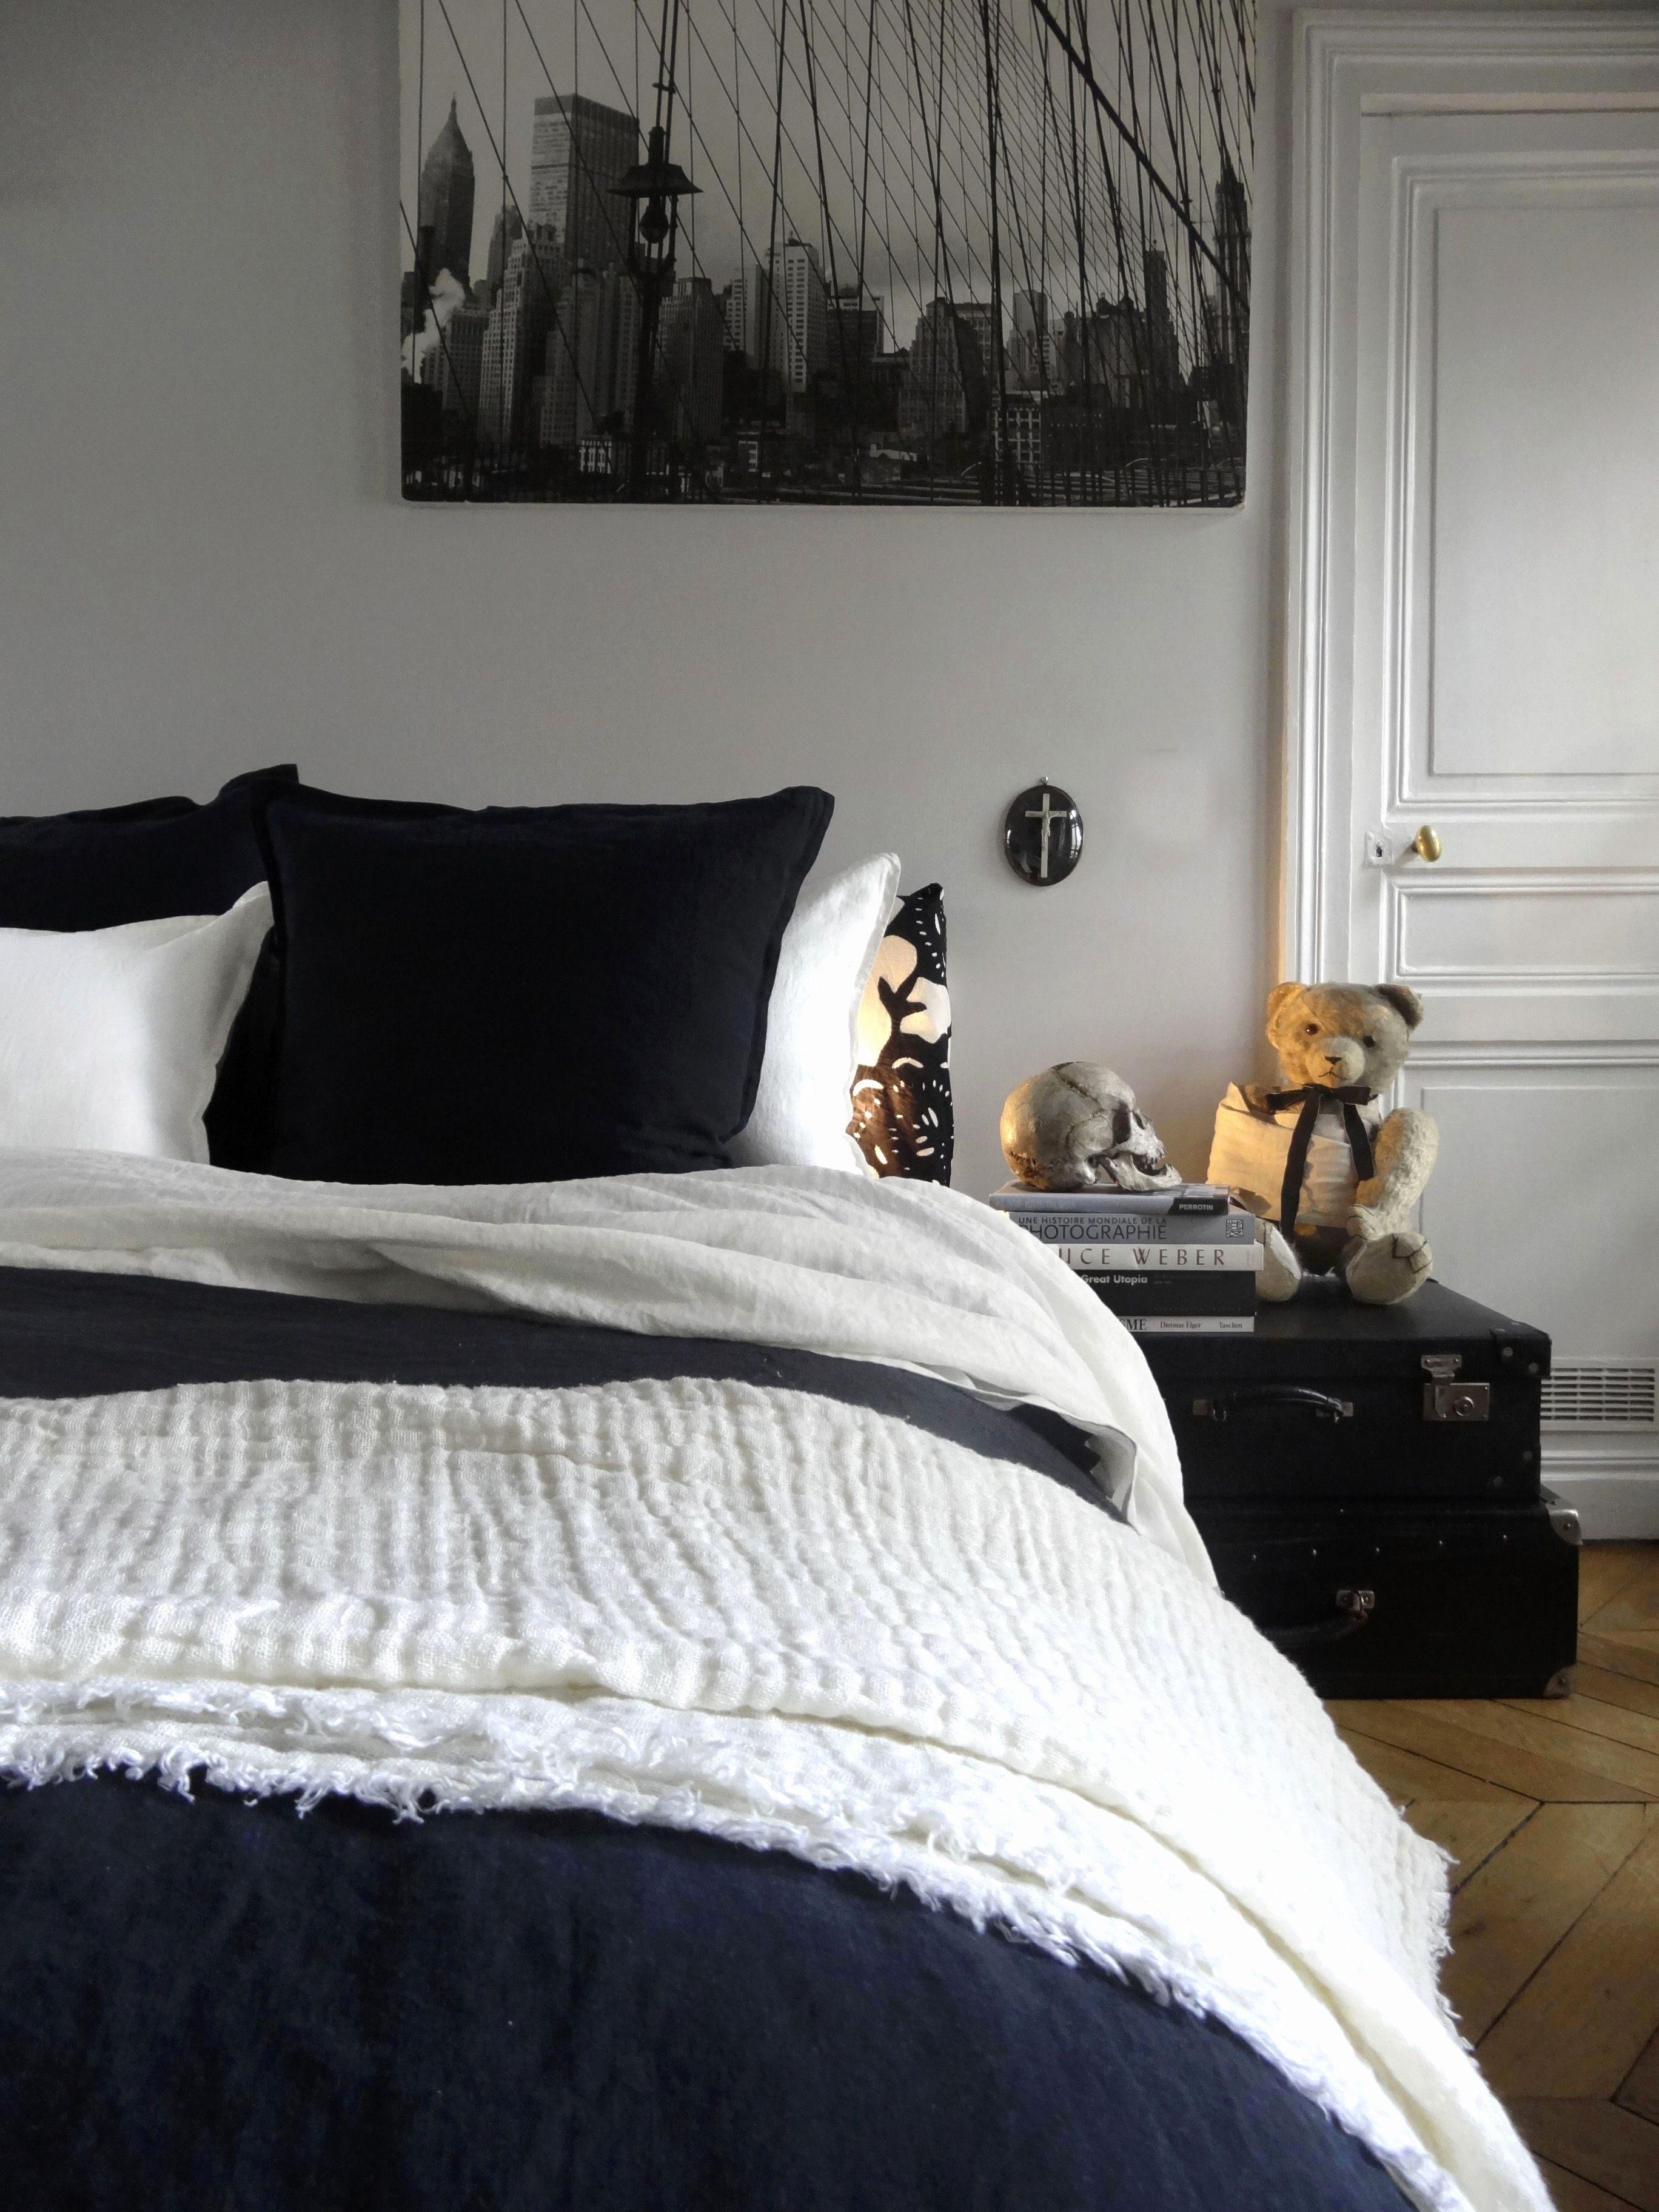 Cadre De Lit 140×190 Pas Cher Magnifique Bois De Lit 140—190 Frais Lit Design 140—190 Impressionnant Media